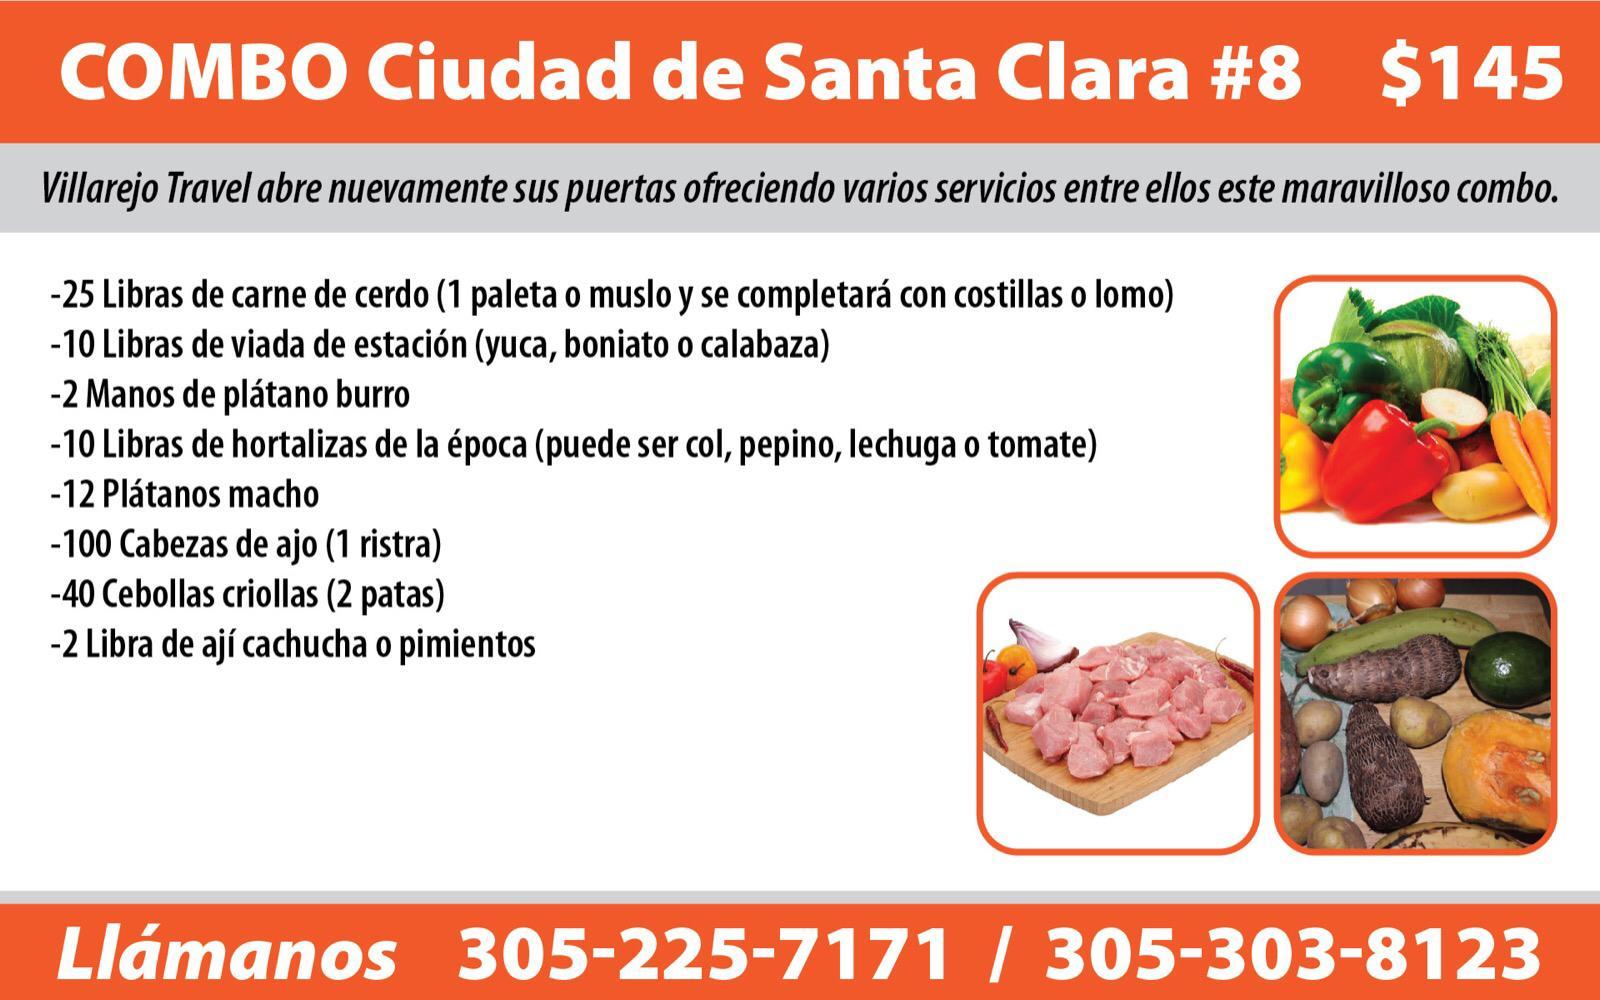 Combo Santa Clara y Cienfuegos  #8